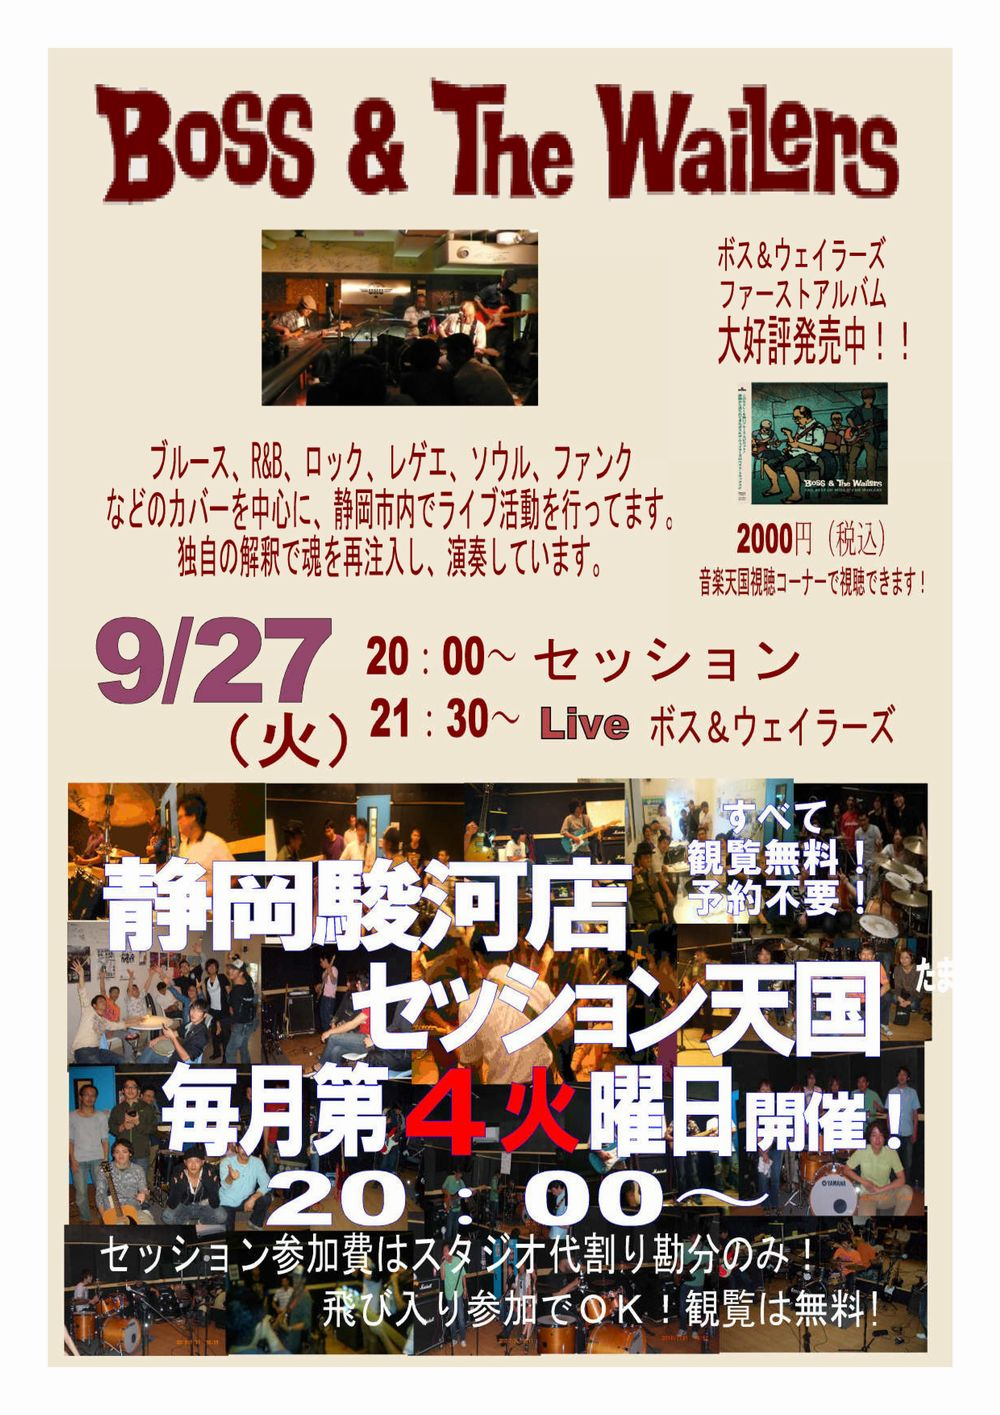 「ボス&ウェイラーズ」ライブ&セッション天国@静岡駿河店9月27日(火)開催!